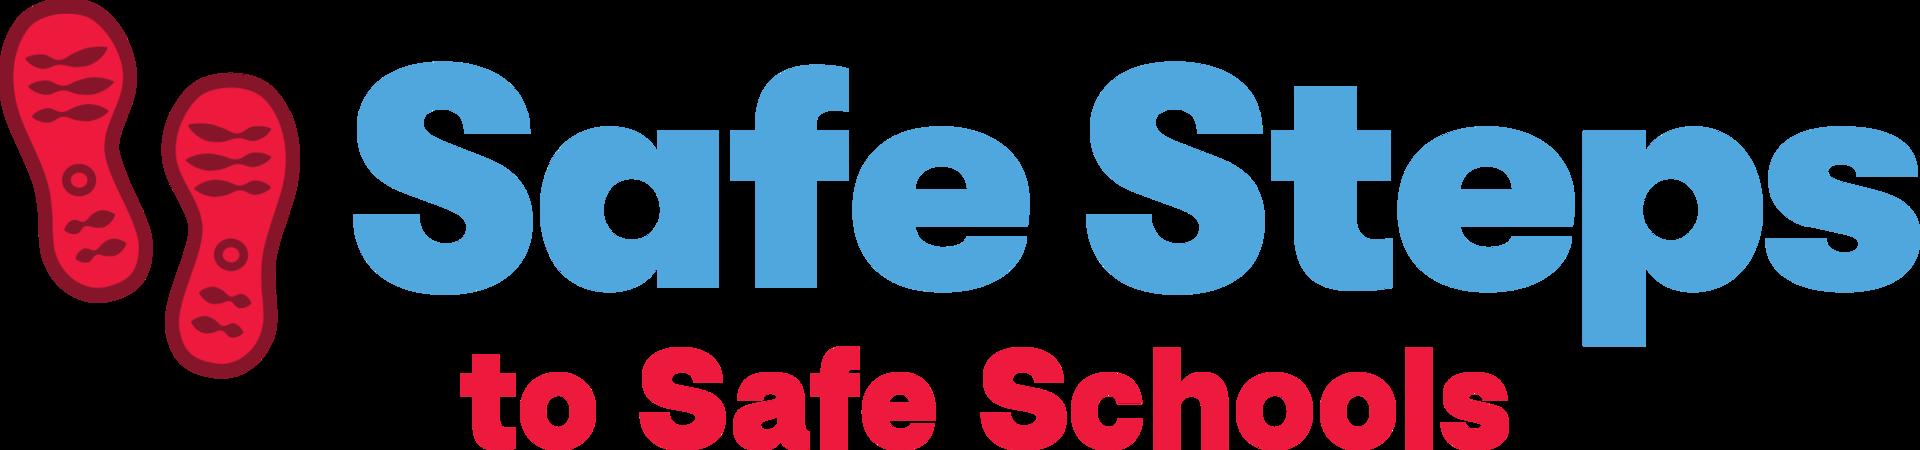 Safe Steps for School Return